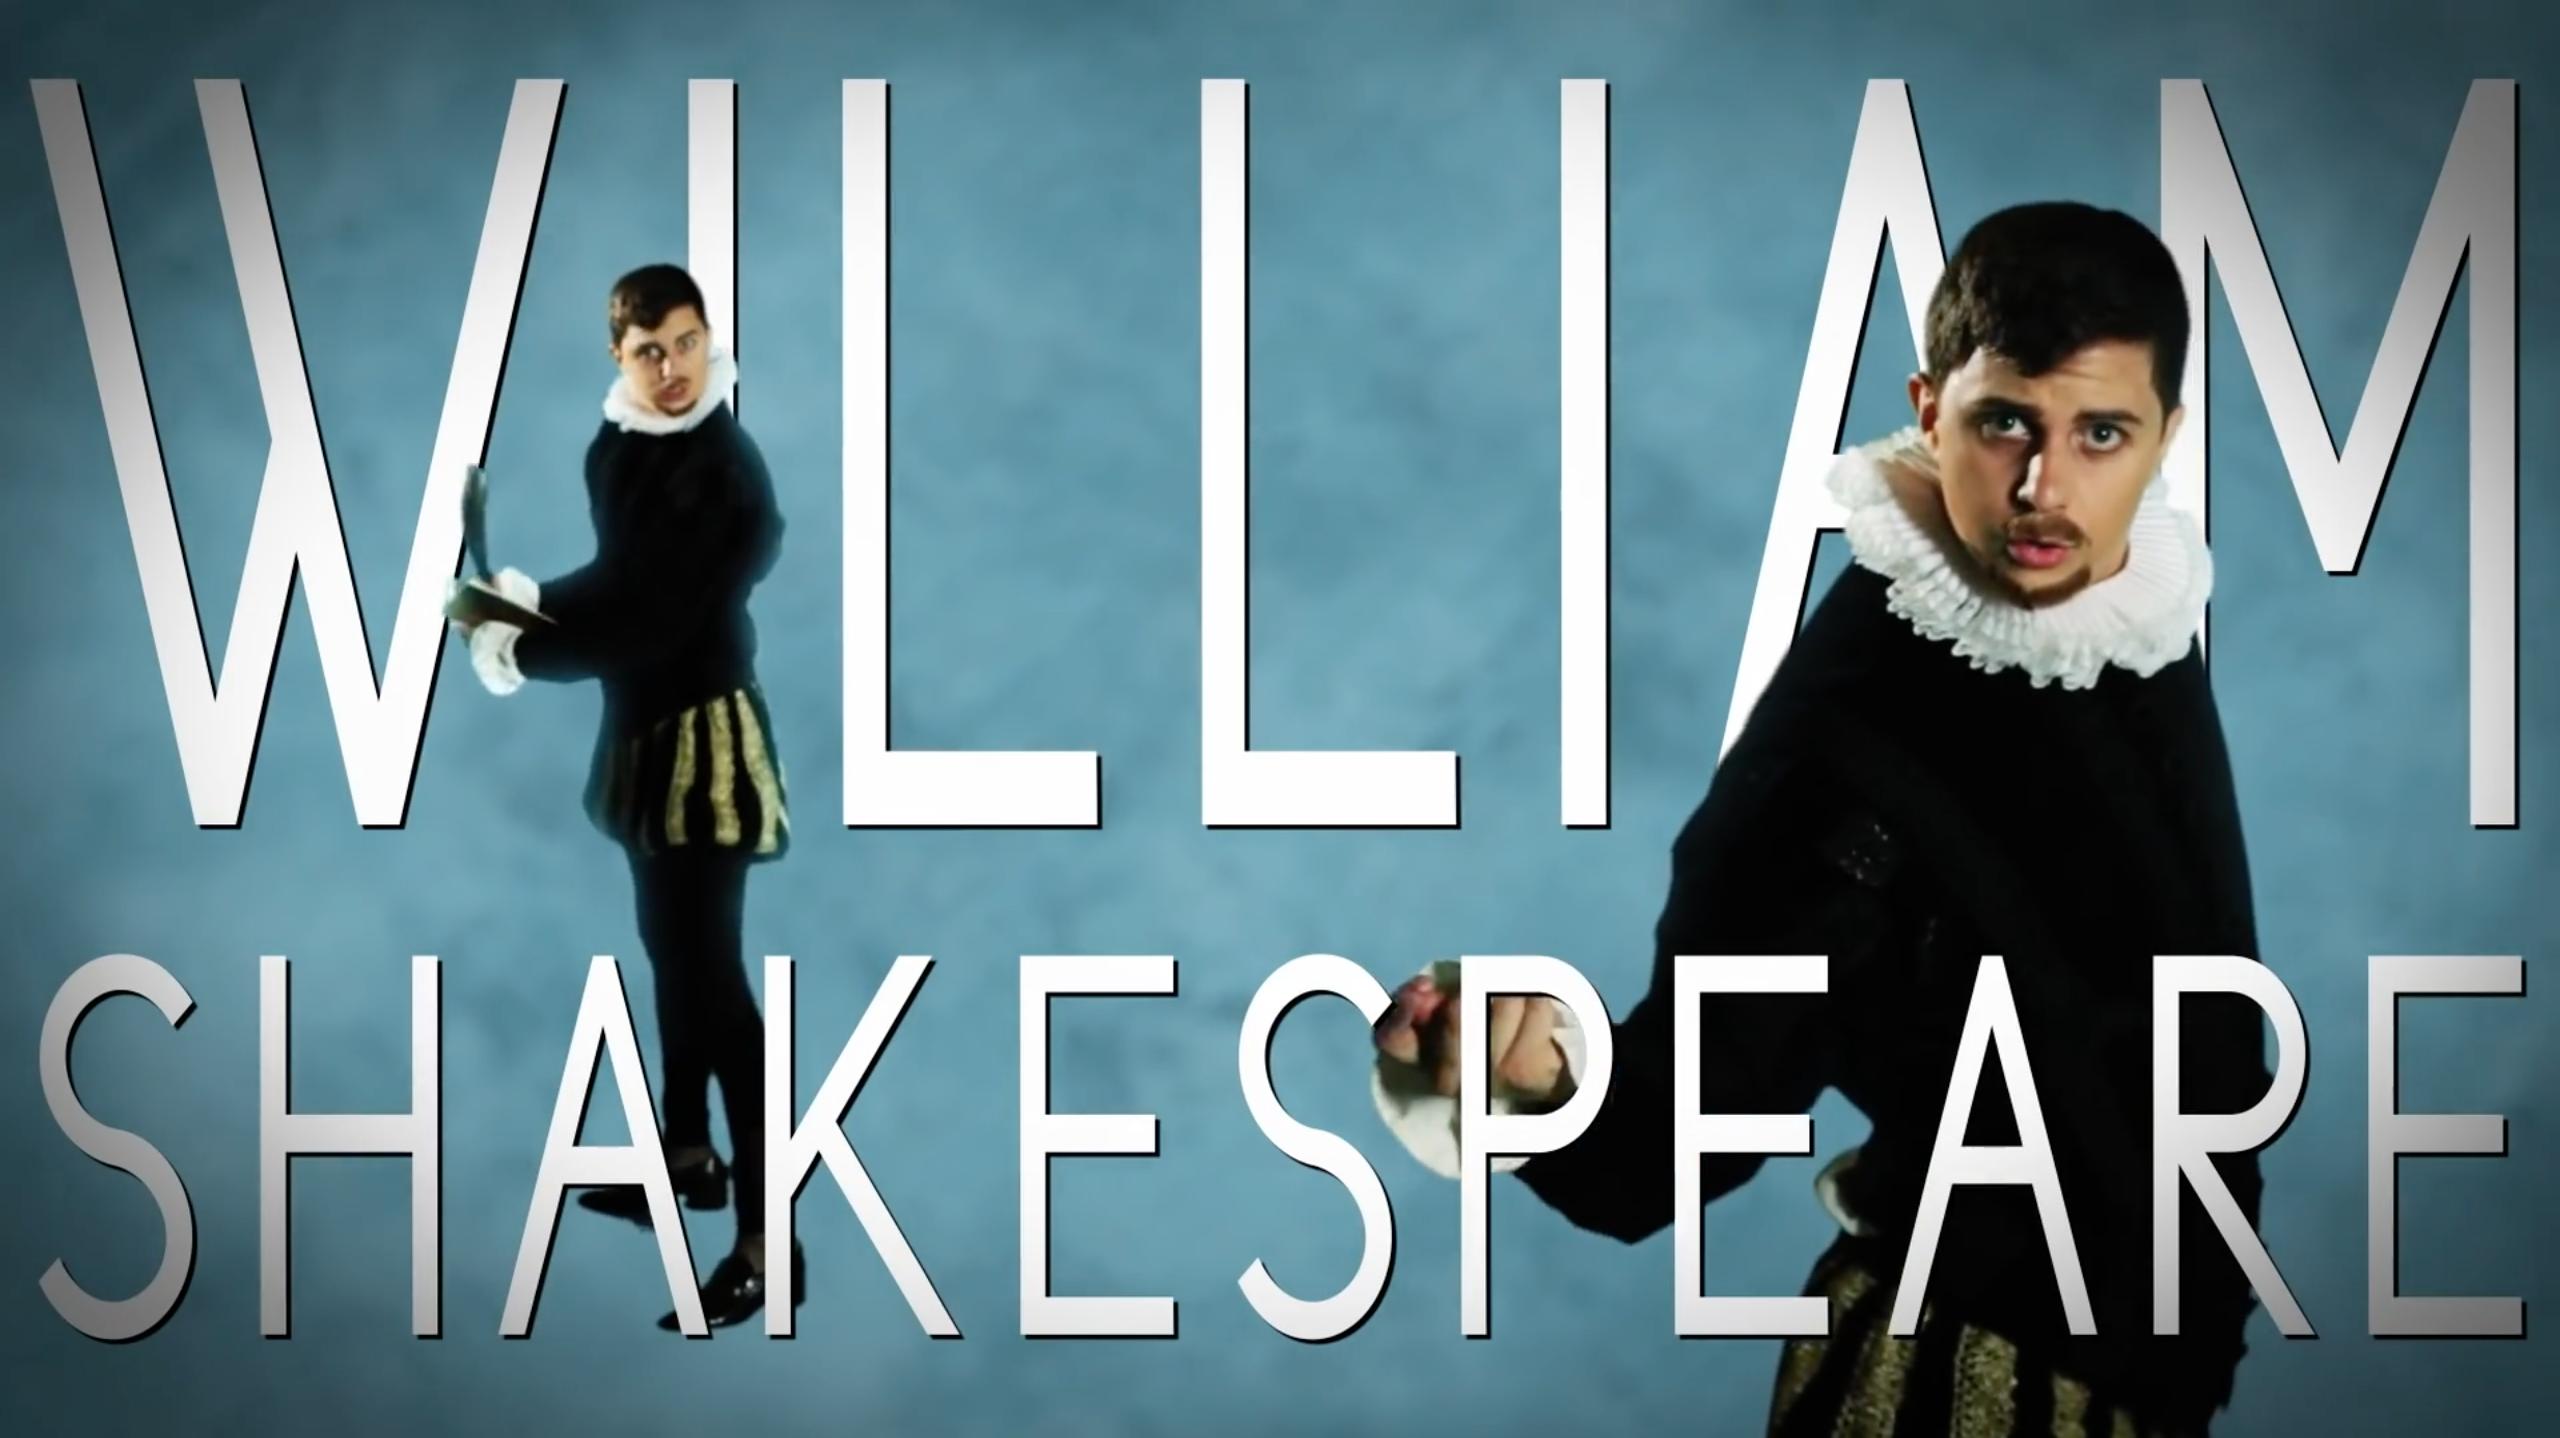 william shakespeare epic rap battles of history wiki fandom william shakespeare epic rap battles of history wiki fandom powered by wikia